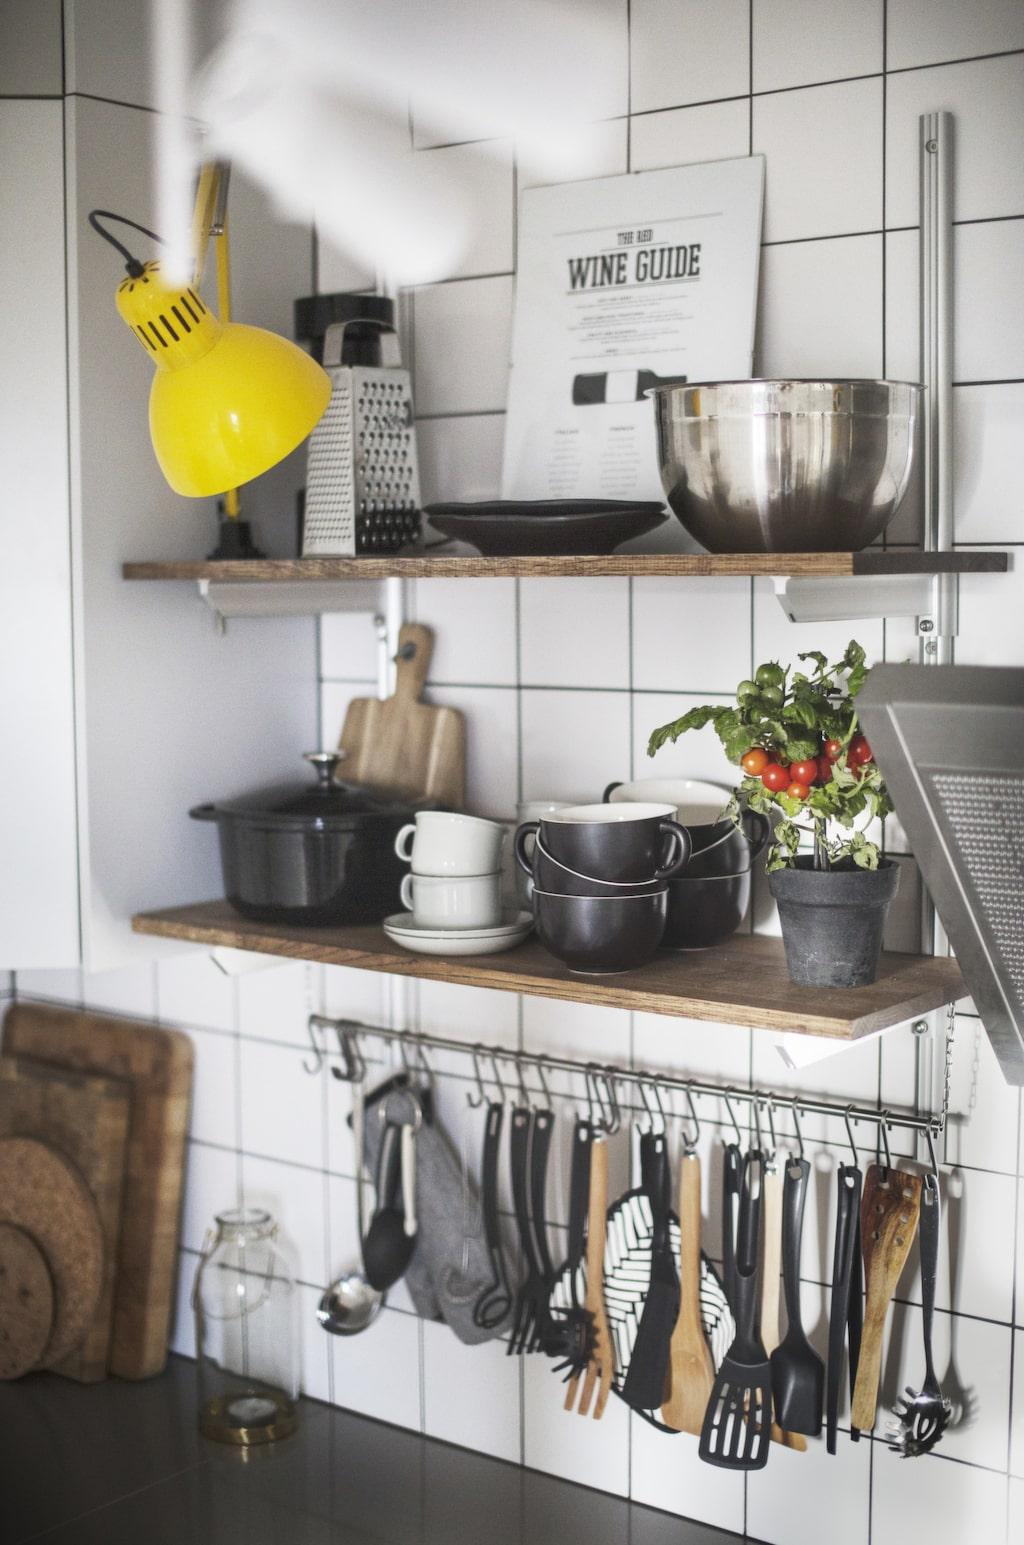 Öppna hyllor. Malin har samlat alla köksredskap på hängare som Johan har konstruerat. Hyllan är betsad i samma ton som golvet. Lampan kommer från Ikea och är spraymålad.